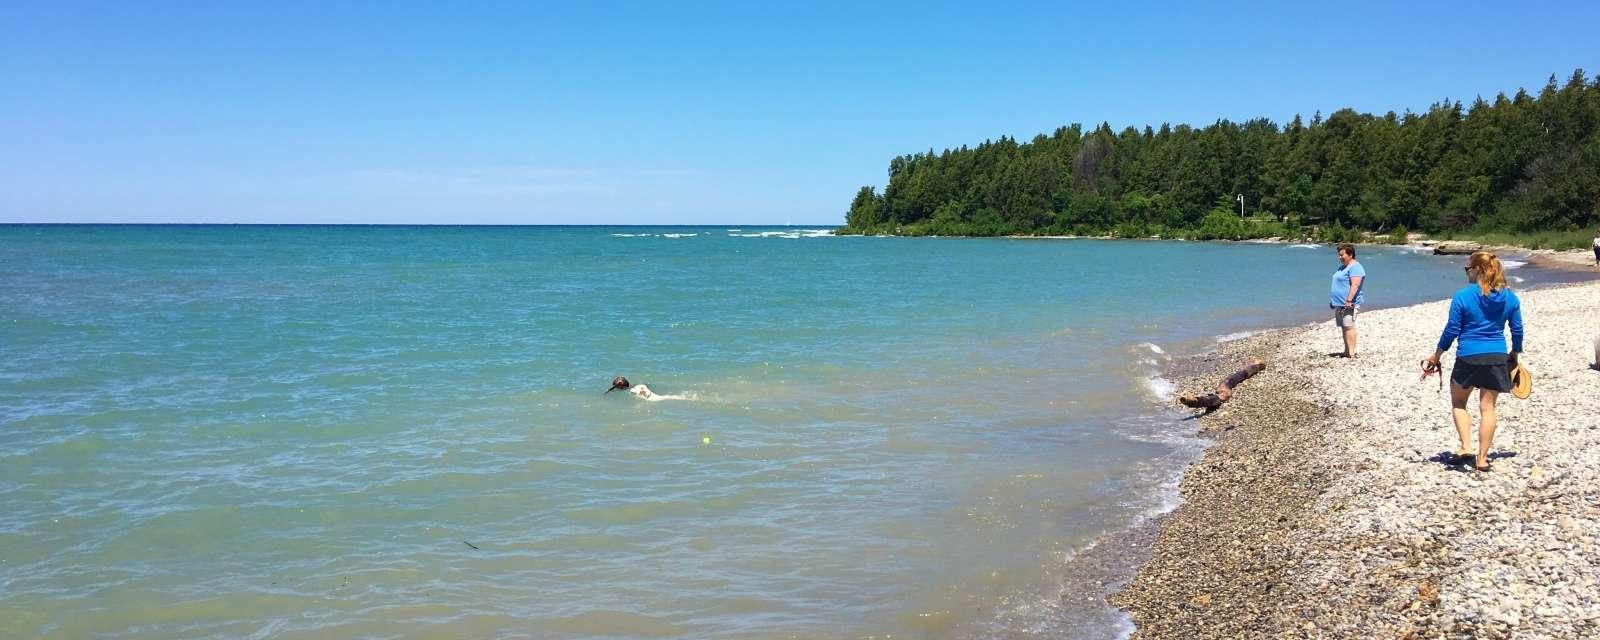 North Shore Port Elgin - Photo credit:  visitportelgin.ca